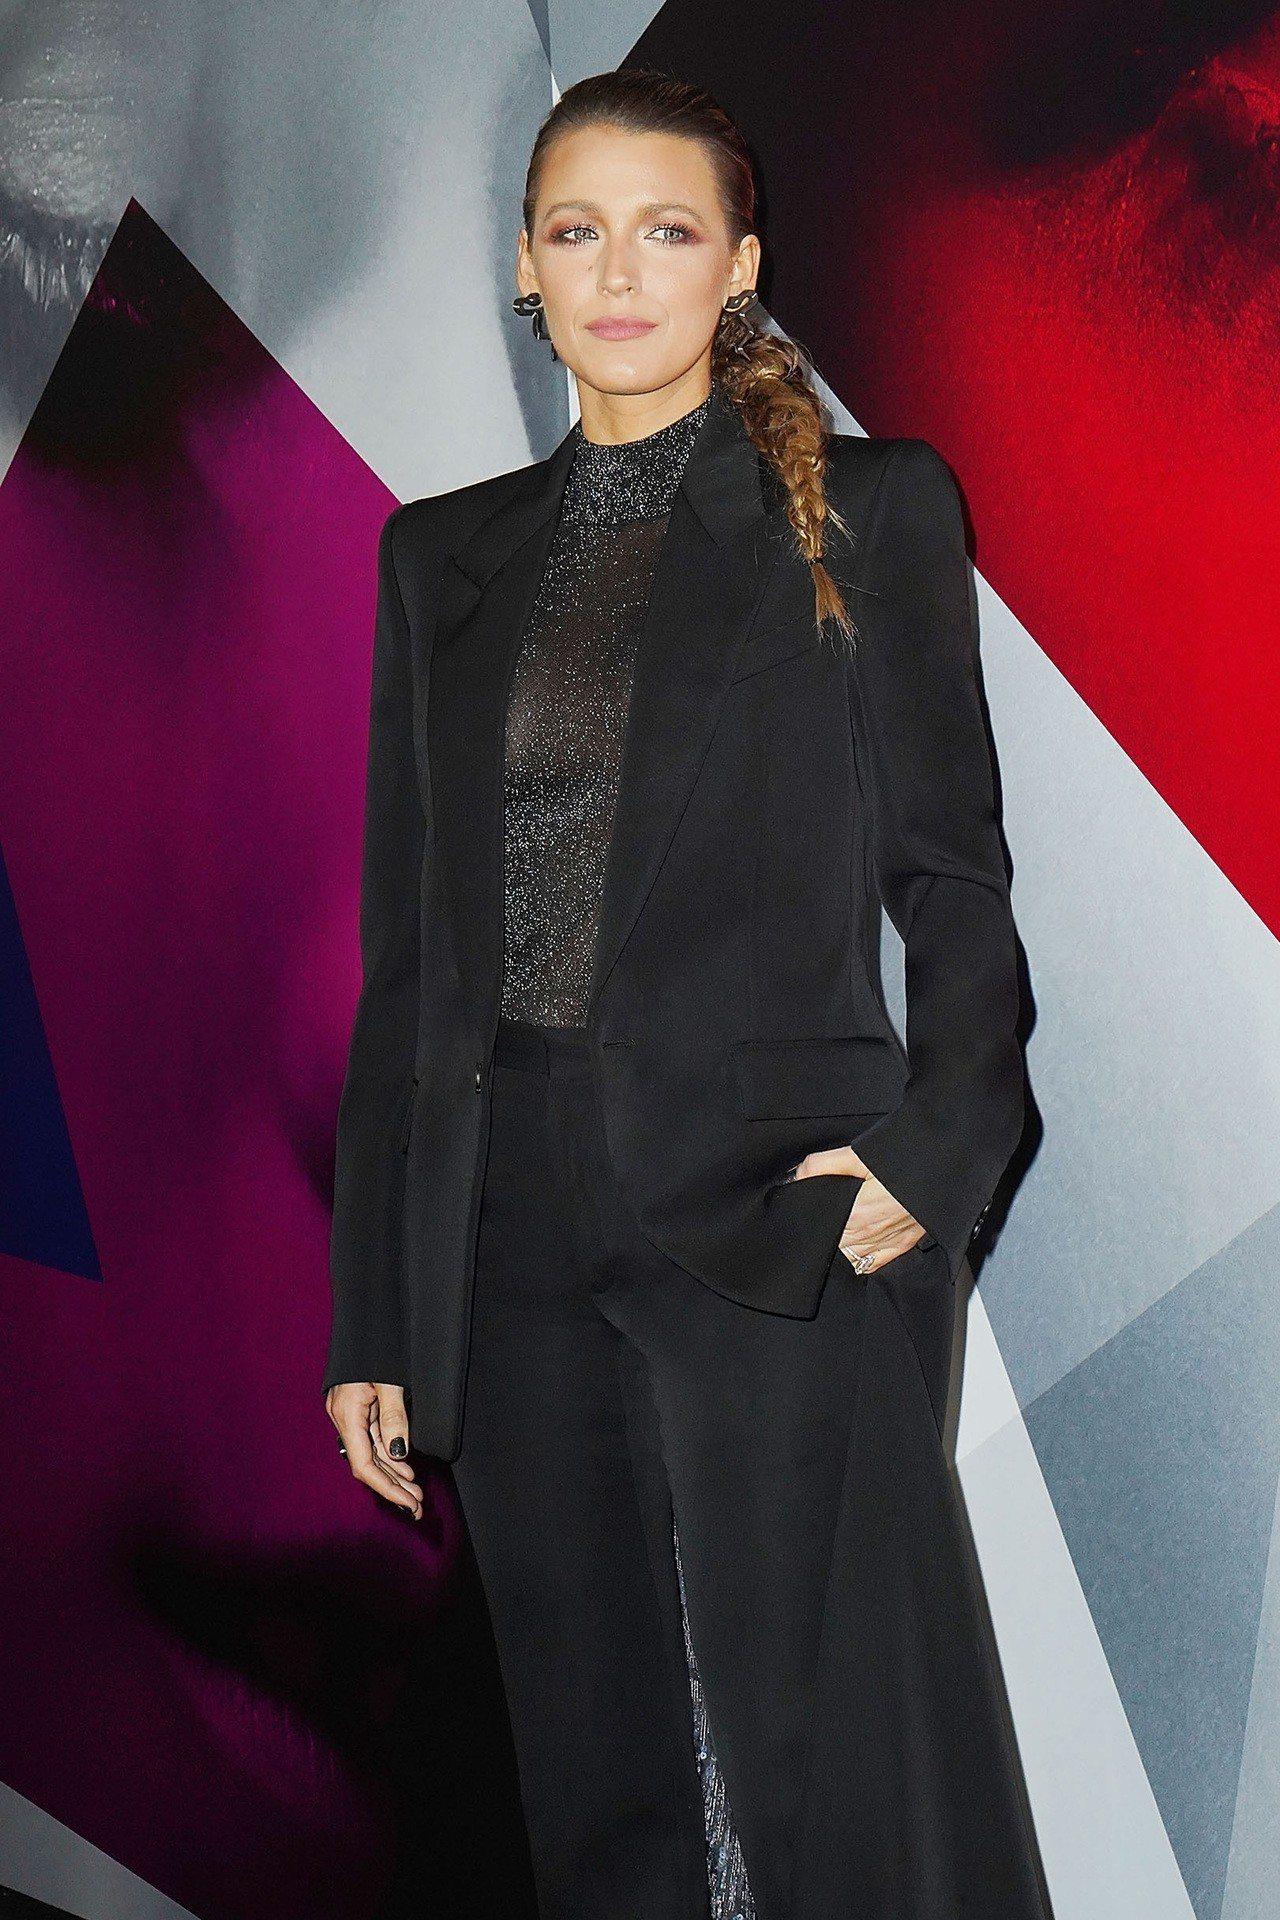 布蕾克萊芙 莉 身穿 GIVENCHY 2018 秋冬 高級 訂 製服 , 內襯 上衣 若隱若現 相當 迷 ...